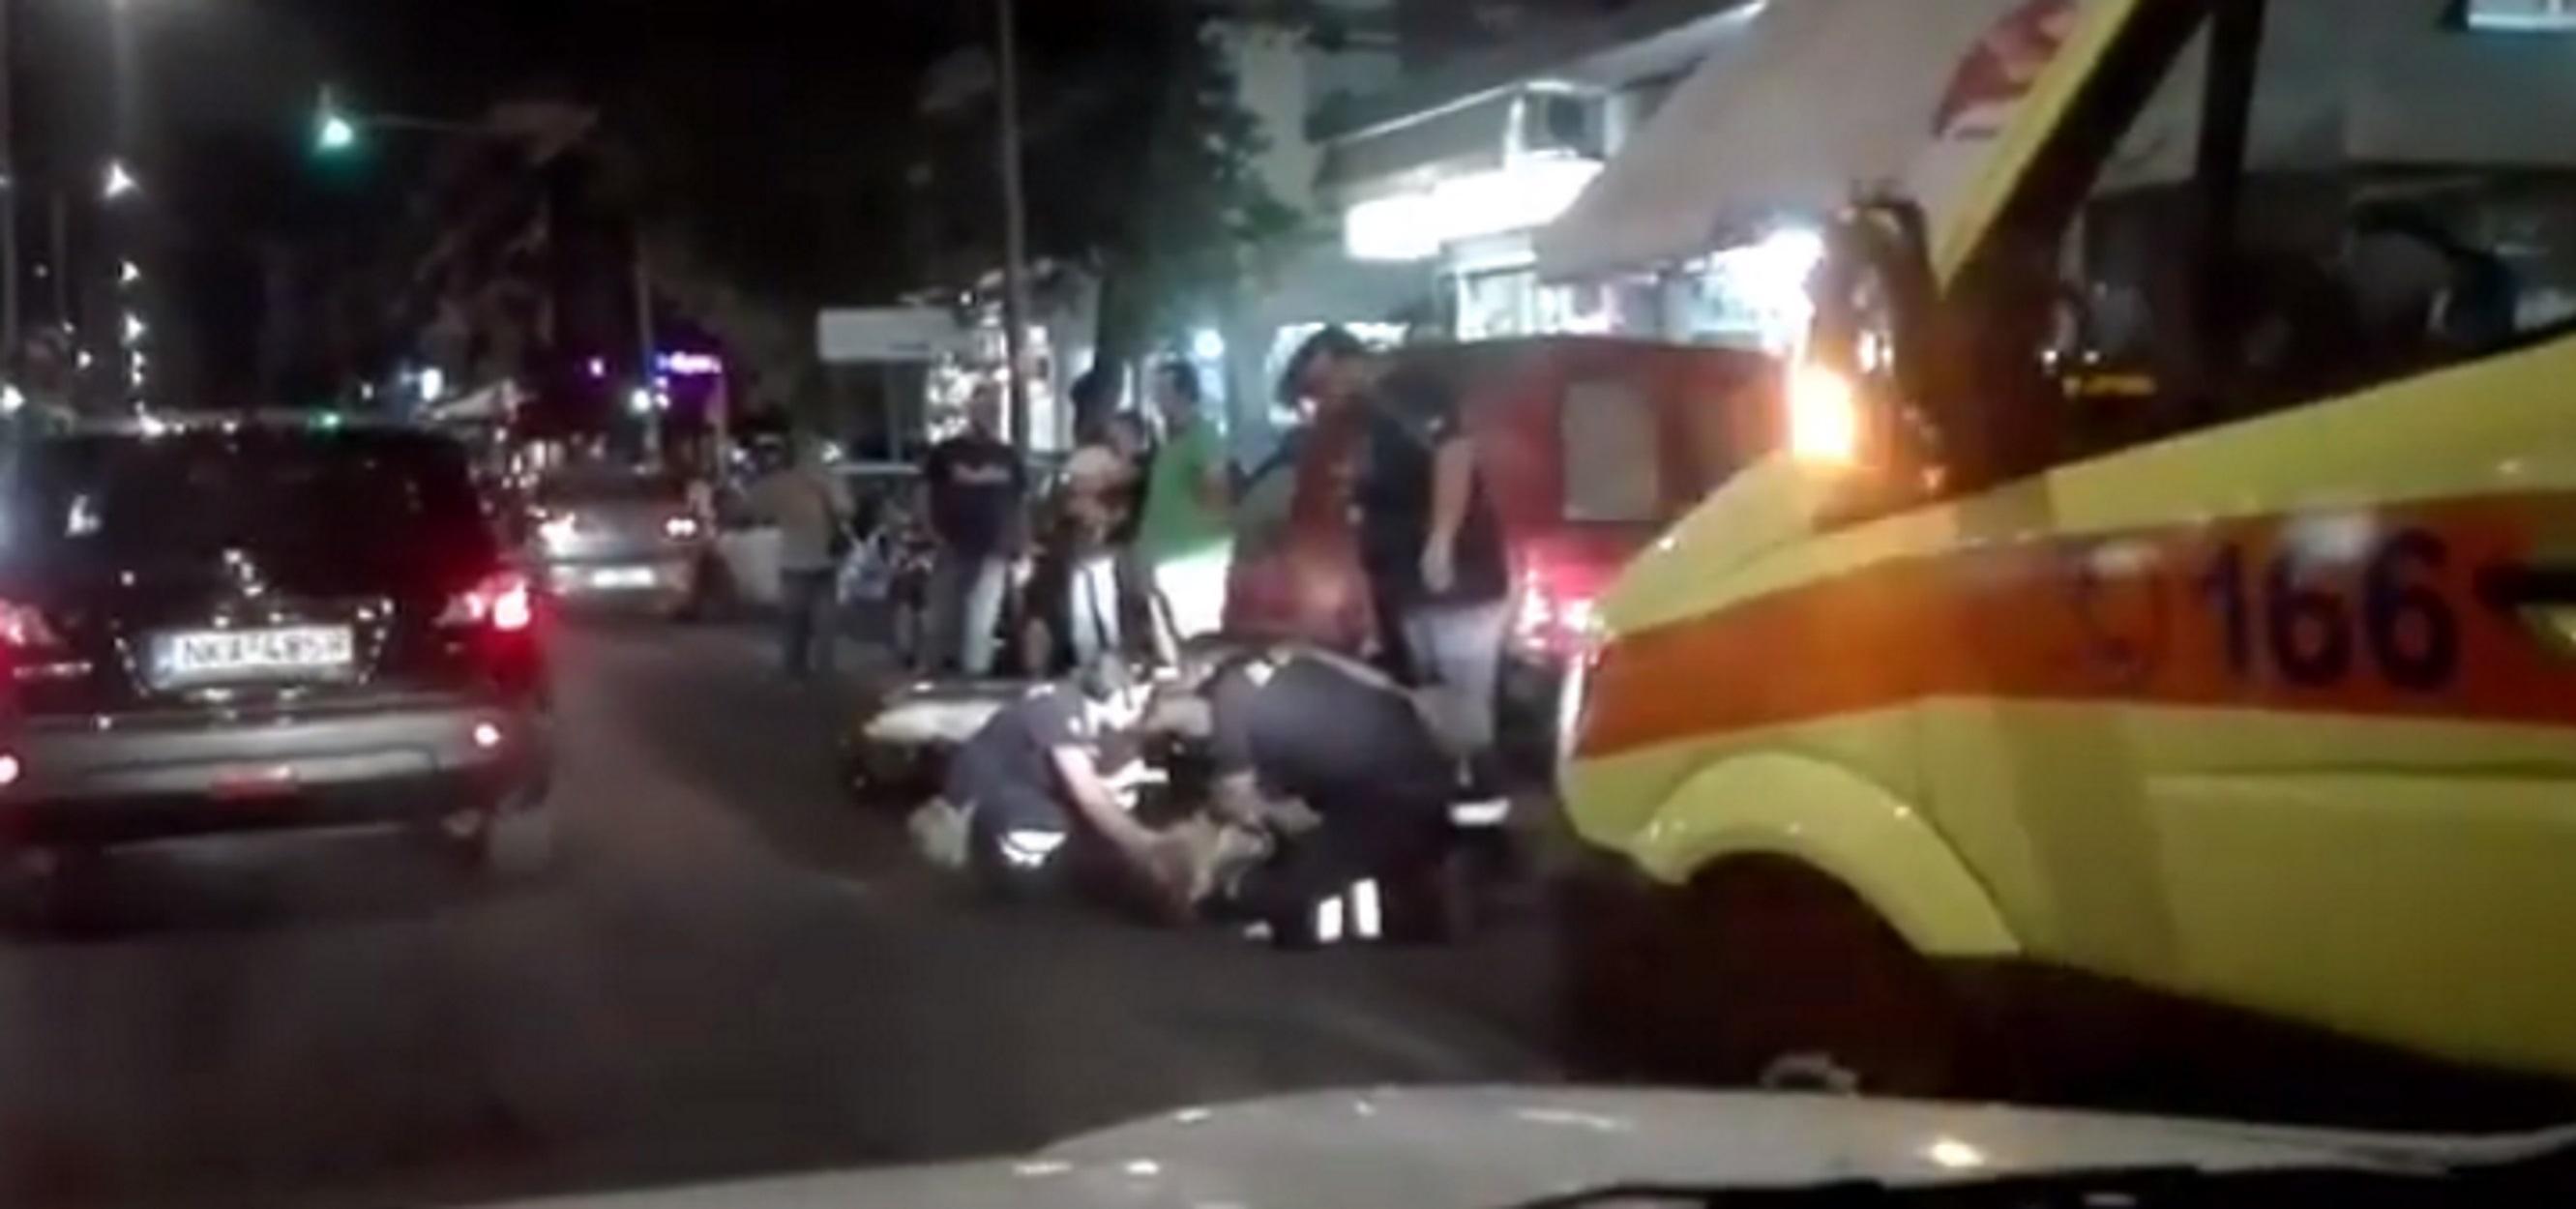 Αυτοκίνητο χτύπησε πεζό στην περιοχή Χαριλάου στη Θεσσαλονίκη! [pics, video]